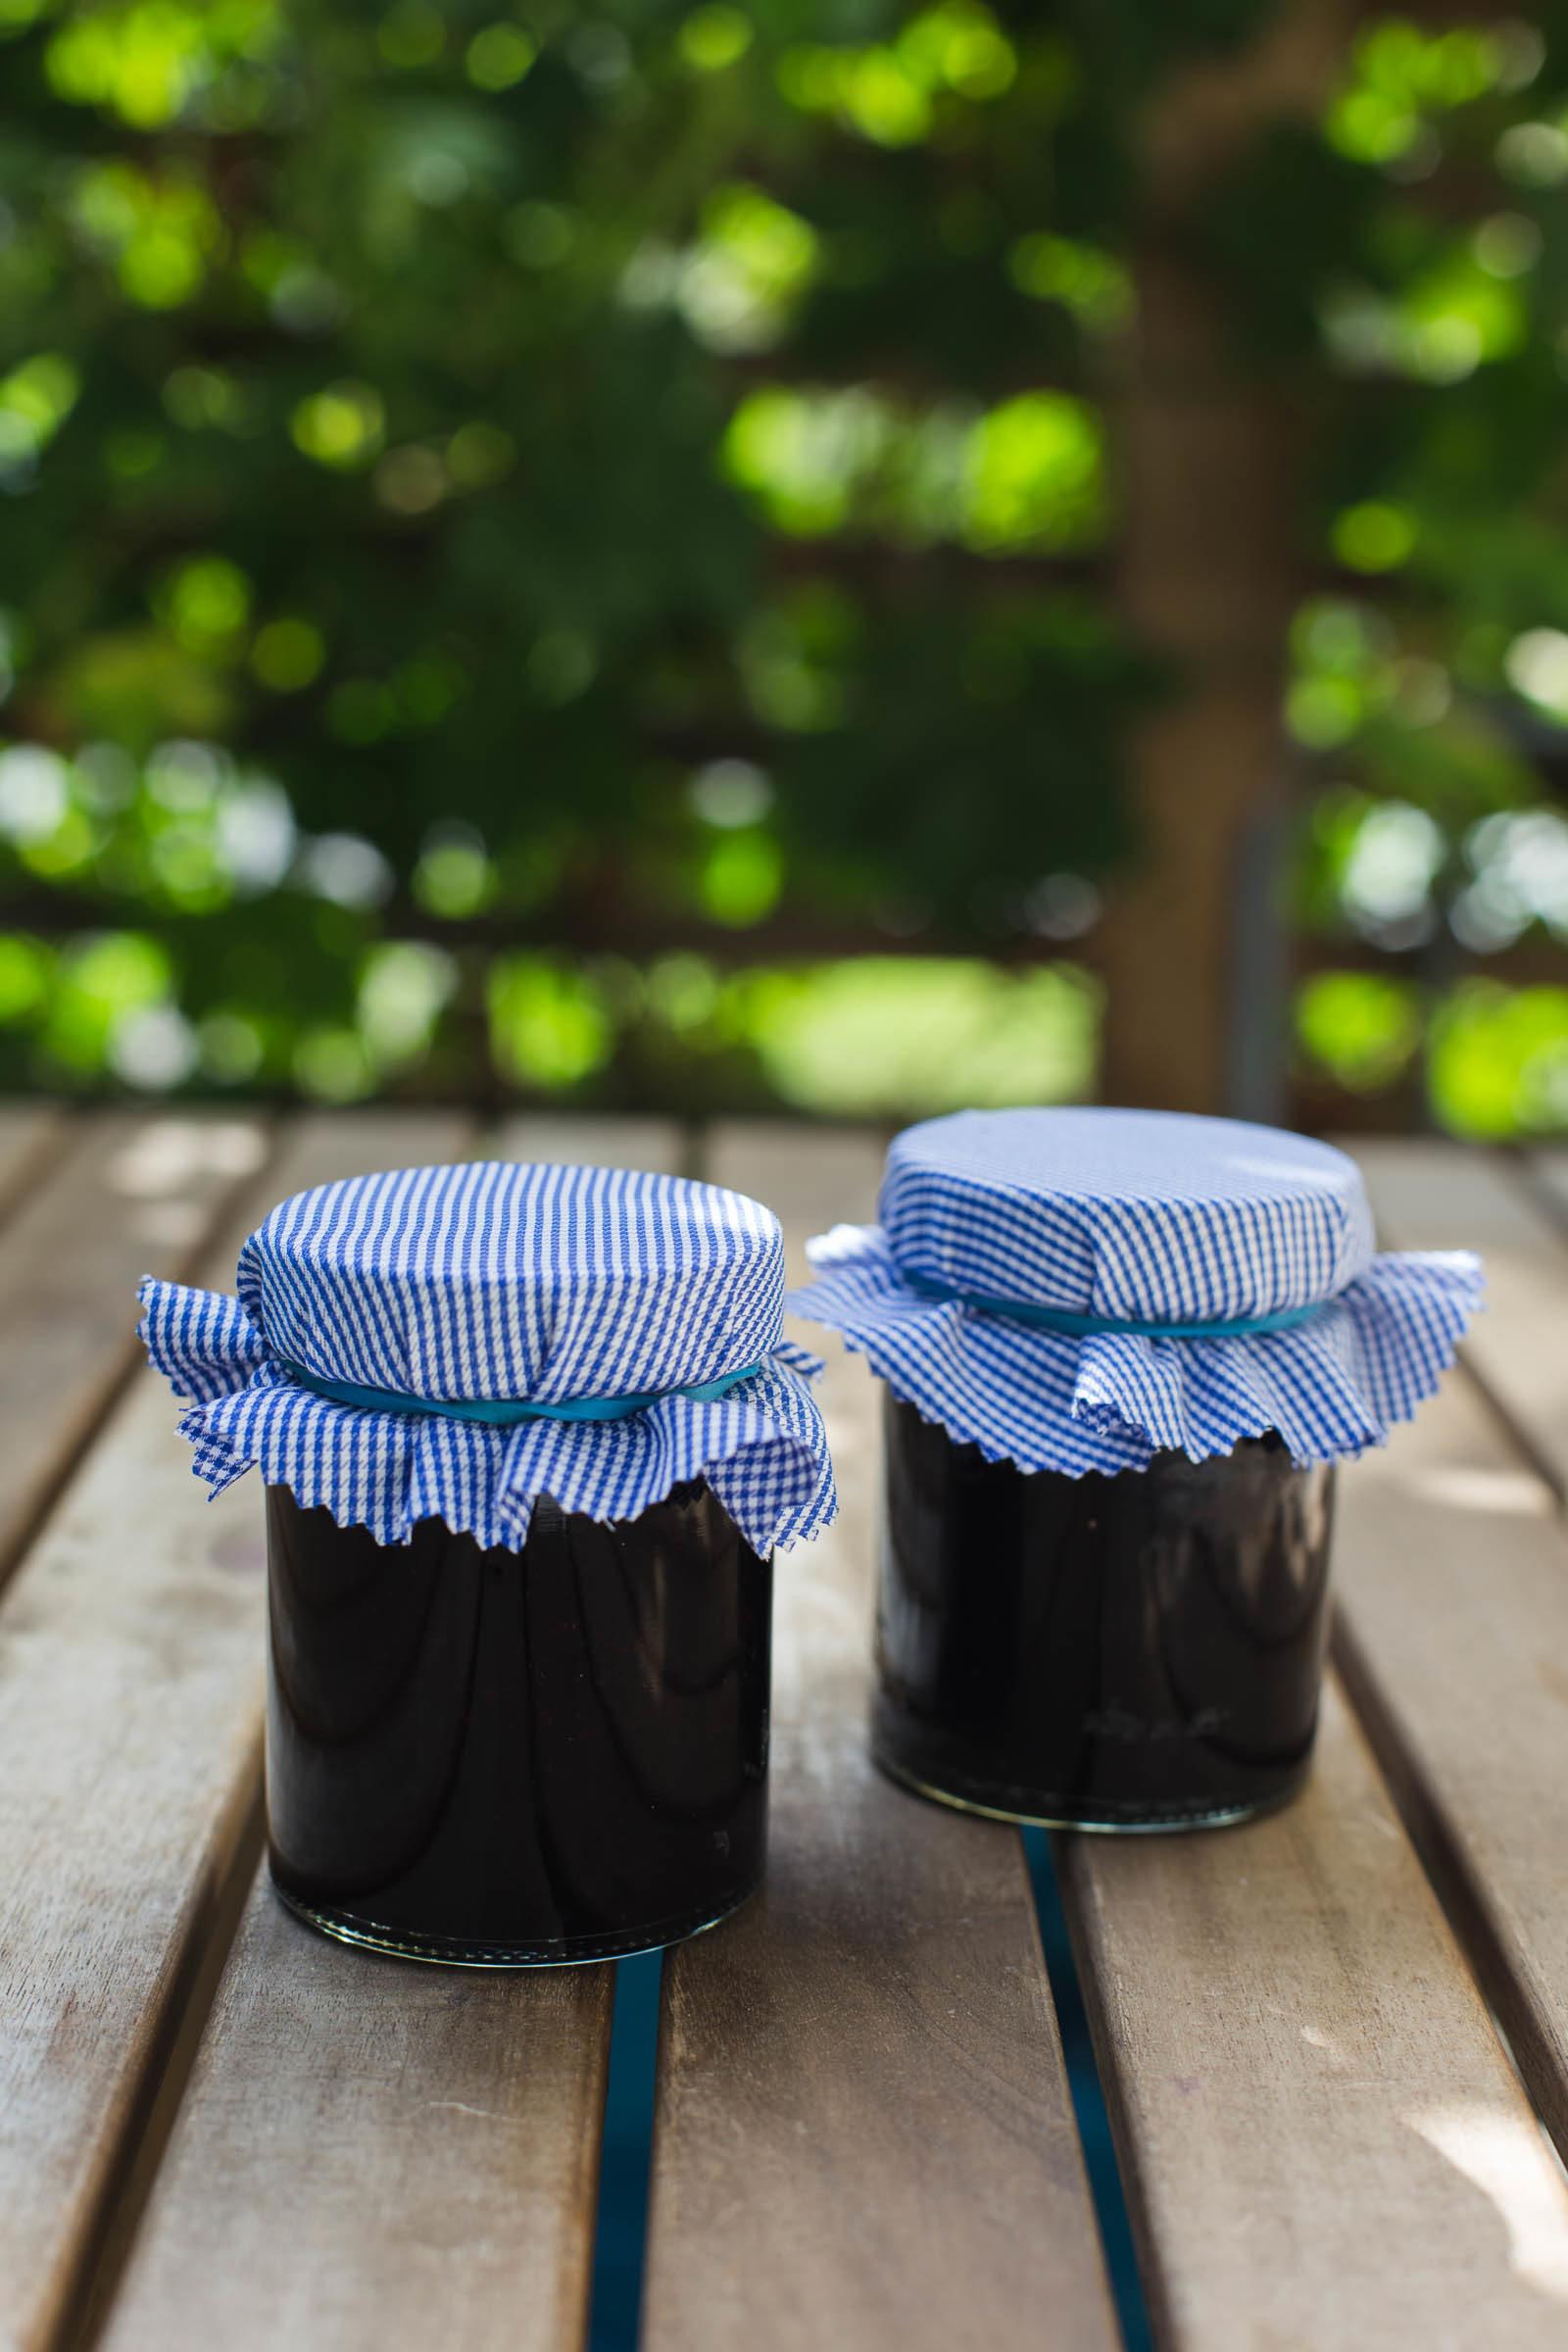 Recept - blåbärssylt med vanilj